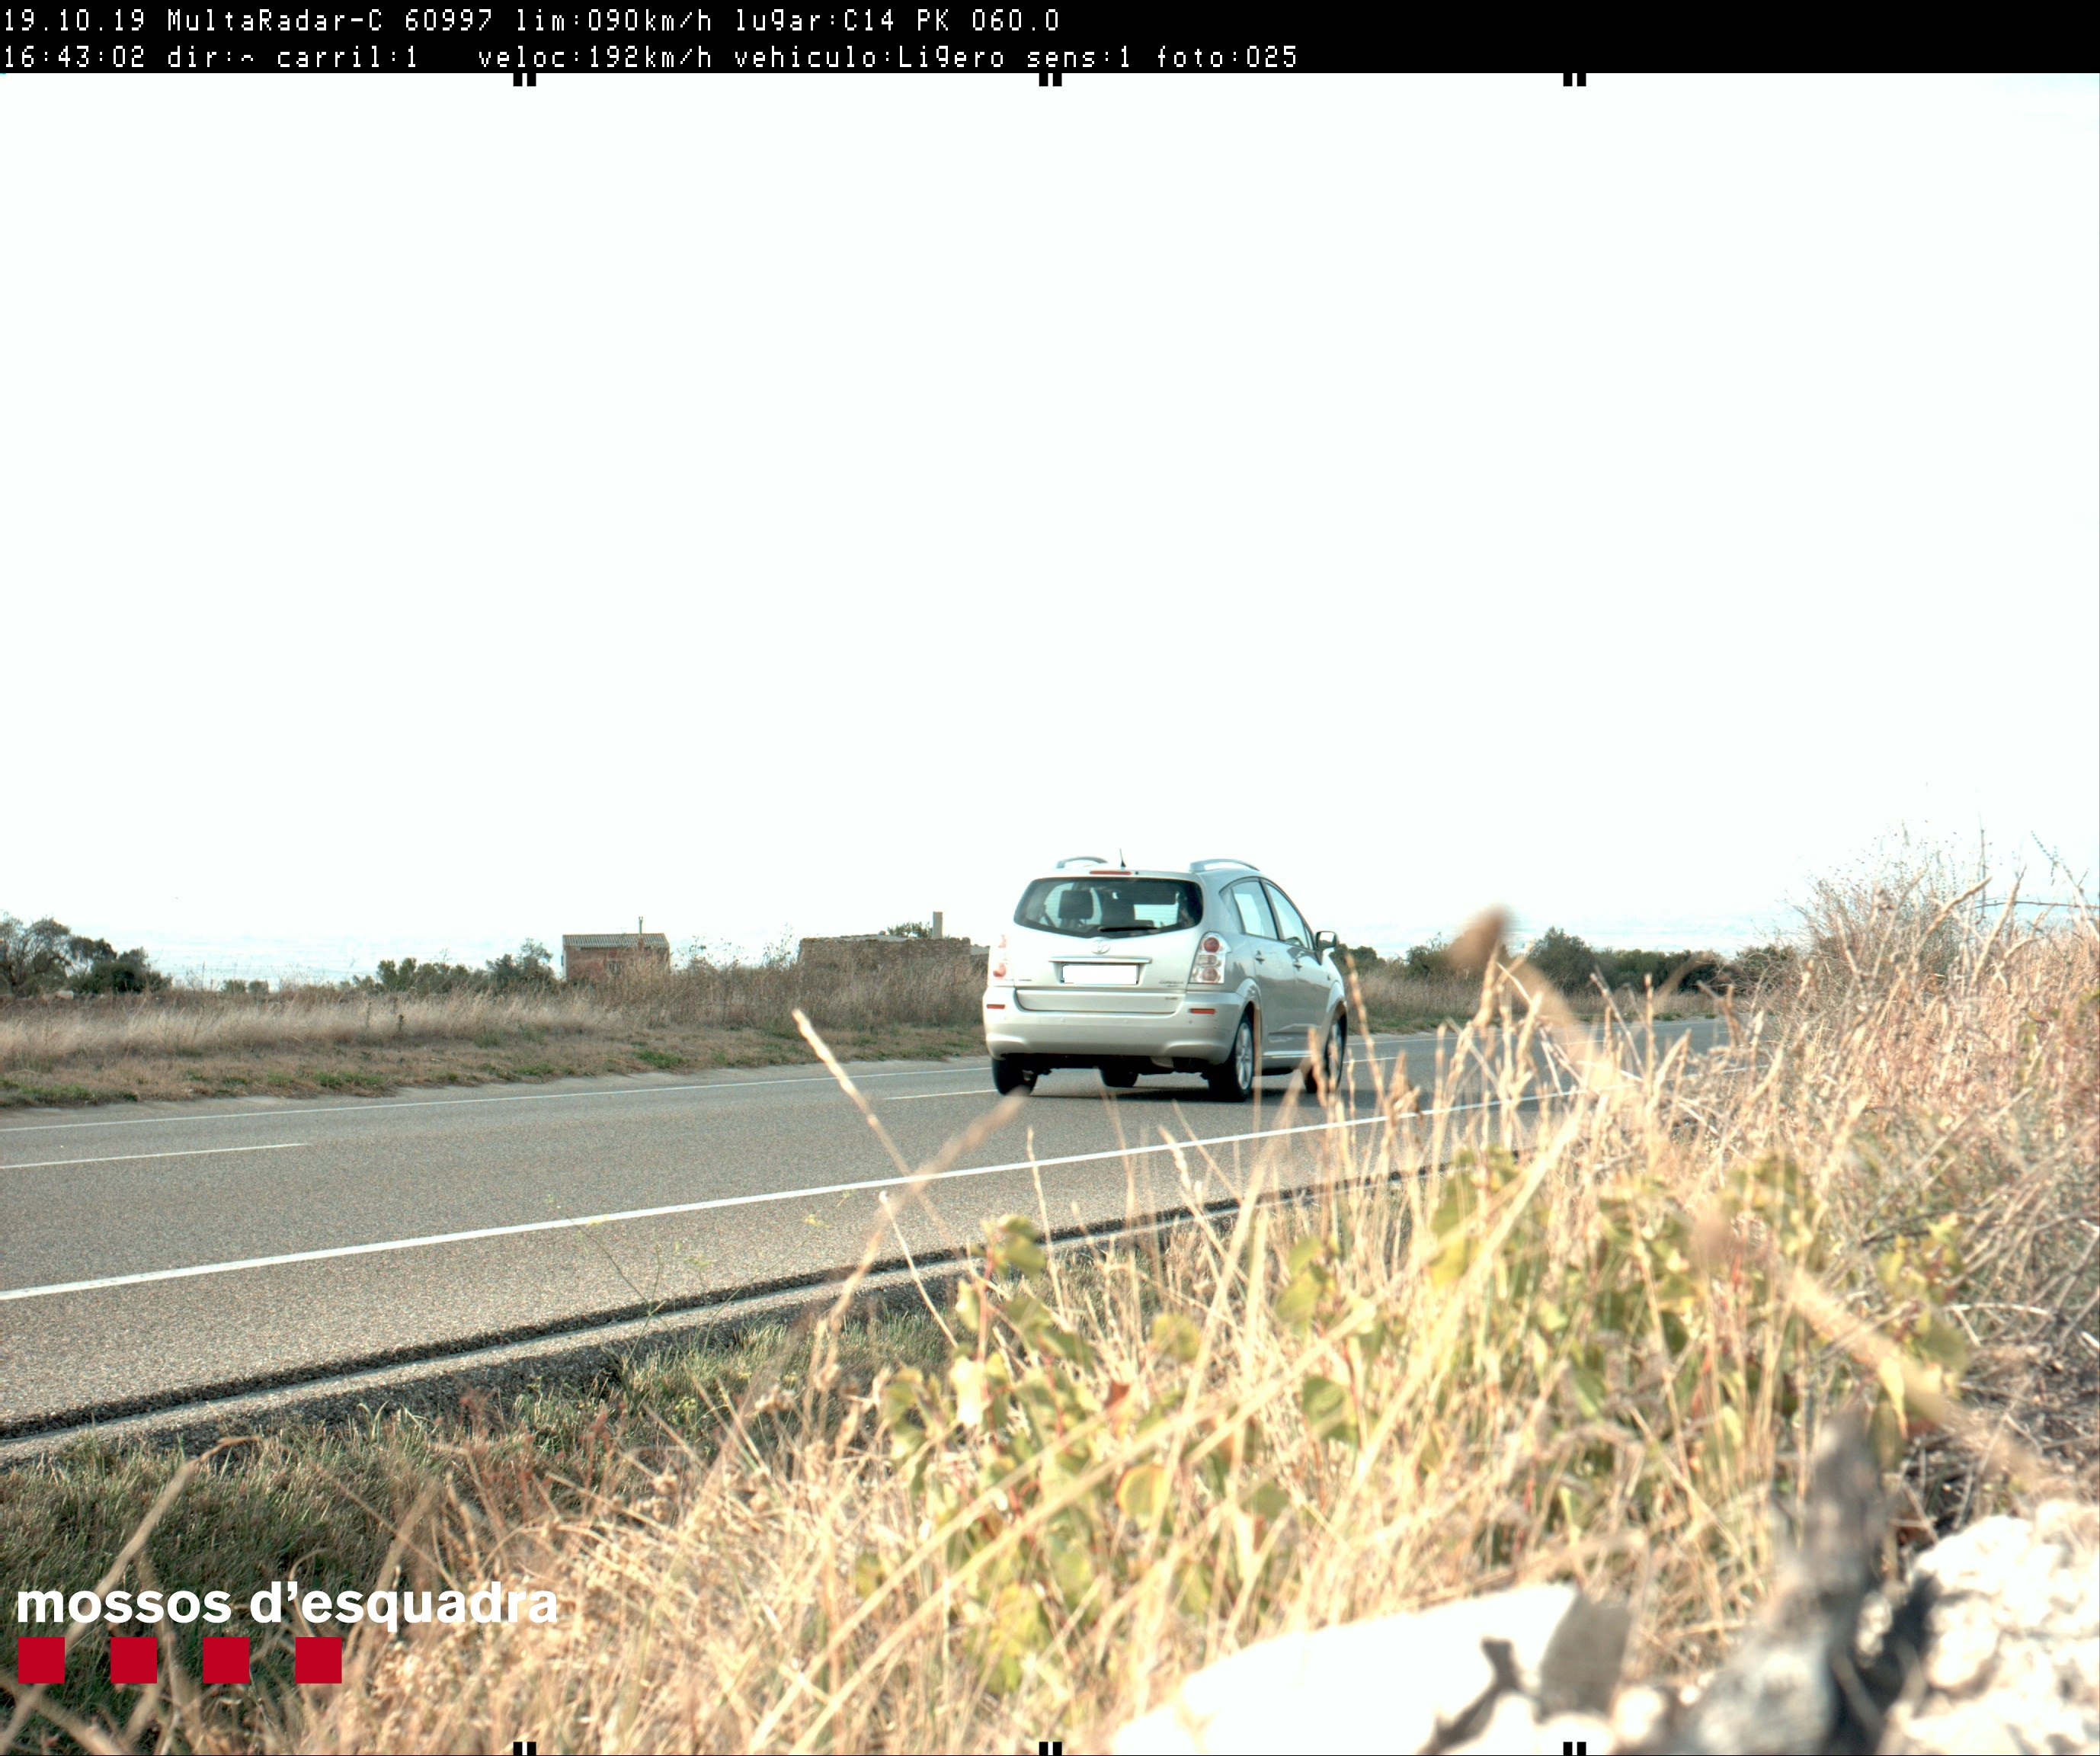 Els Mossos denuncien penalment un conductor per circular a 192 km/h per la C-14 a Ciutadilla (Urgell)